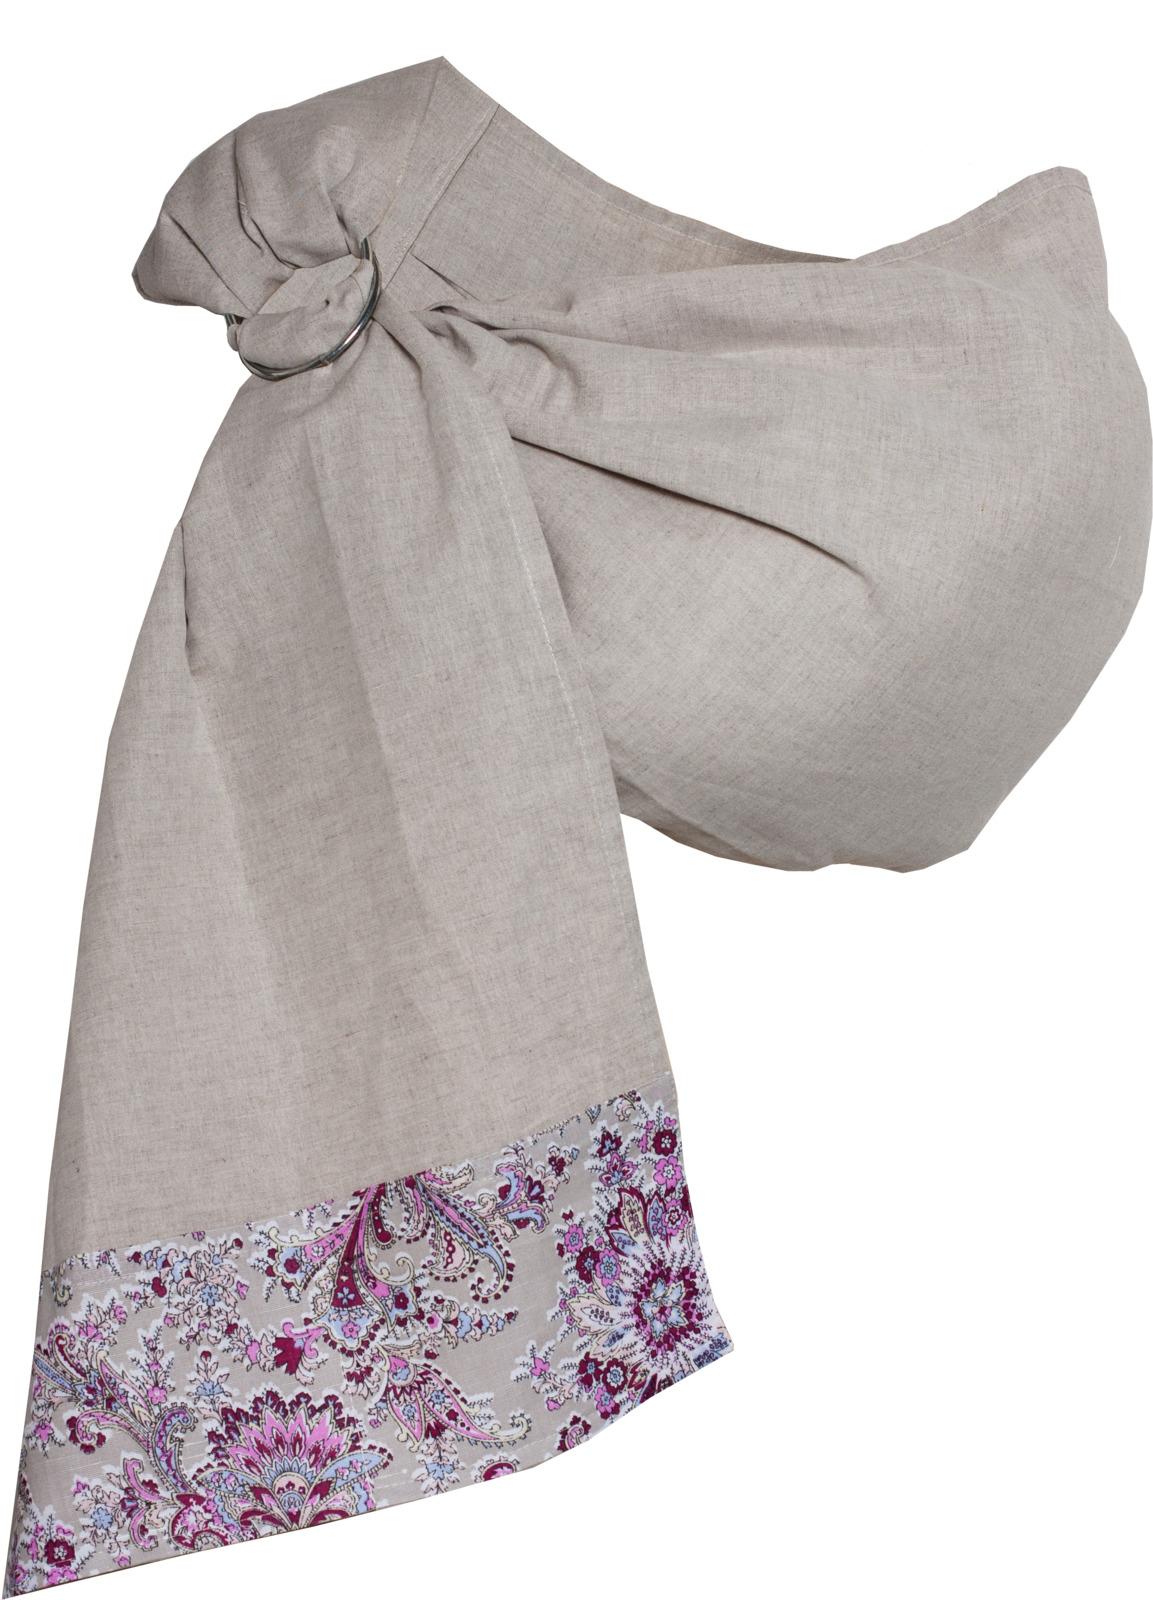 Слинг Чудо-Чадо Мамалето, с кольцами, цвет: лиловый